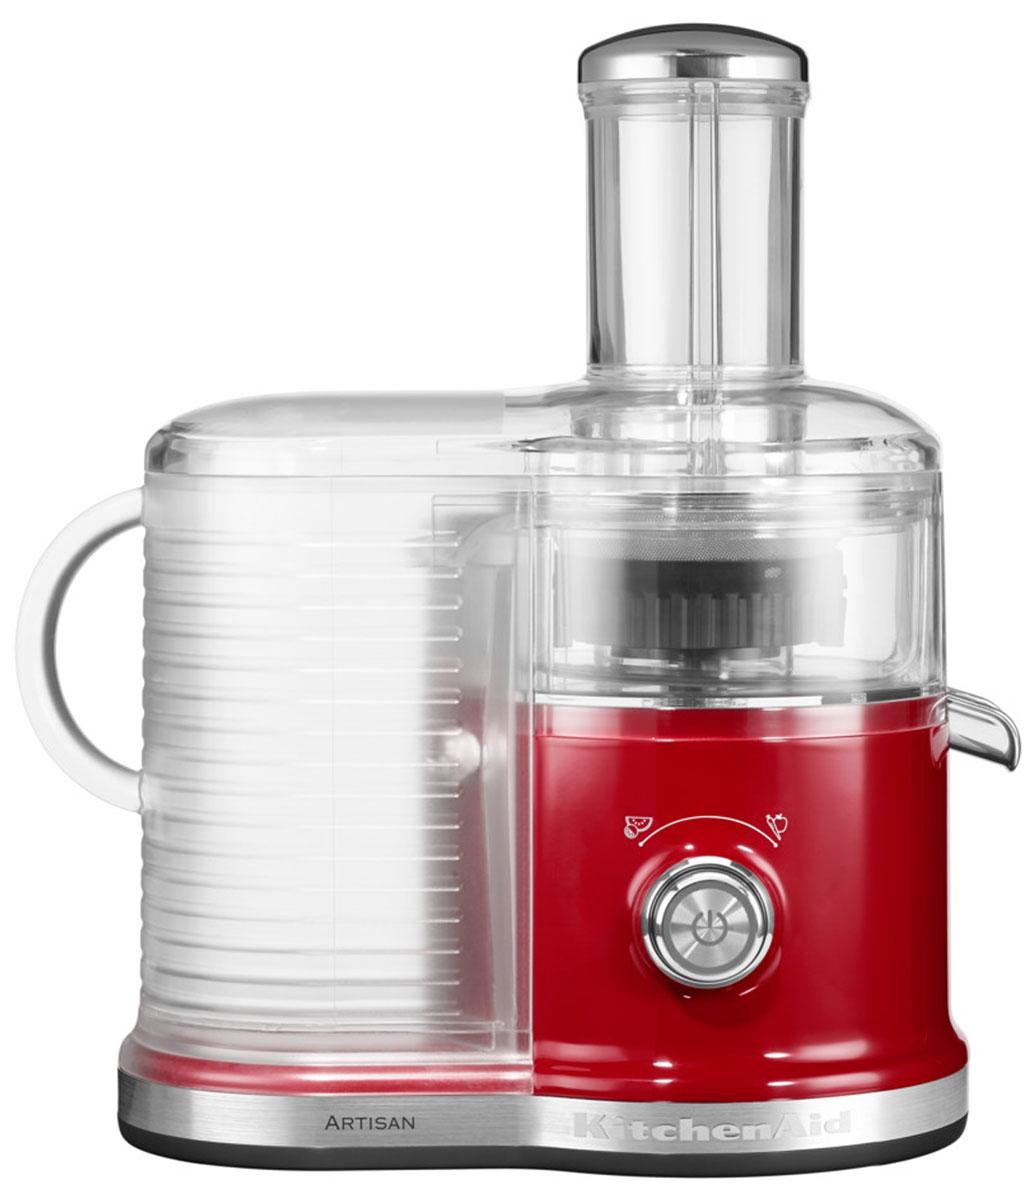 KitchenAid Artisan 5KVJ0333, Red соковыжималка - Соковыжималки